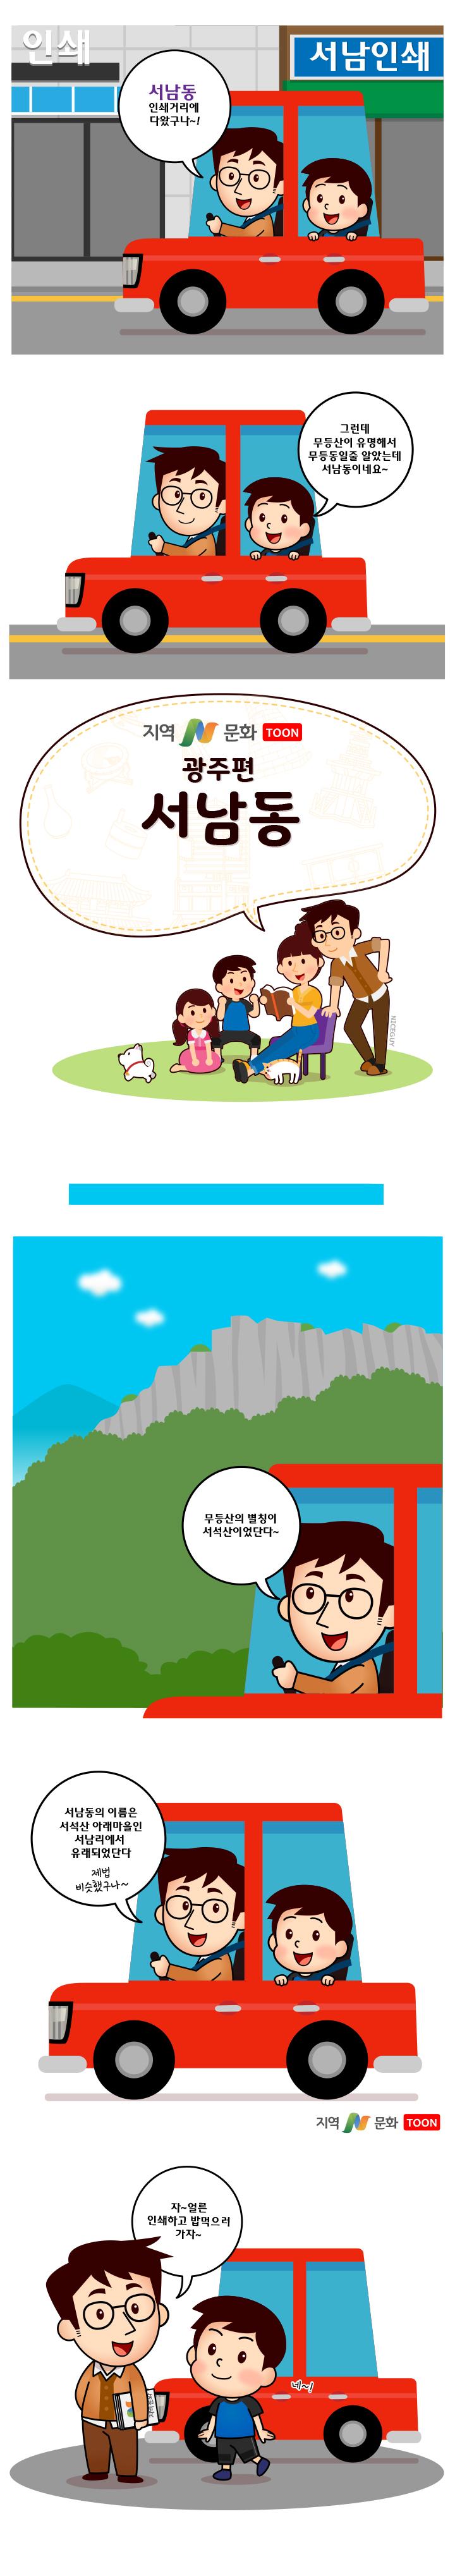 광주광역시 동구 서남동에 위치한 무등산의 별칭이 서석산이었다. 서남동의 이름은 서석산 아래마을인 서남리에서 유래되었다.